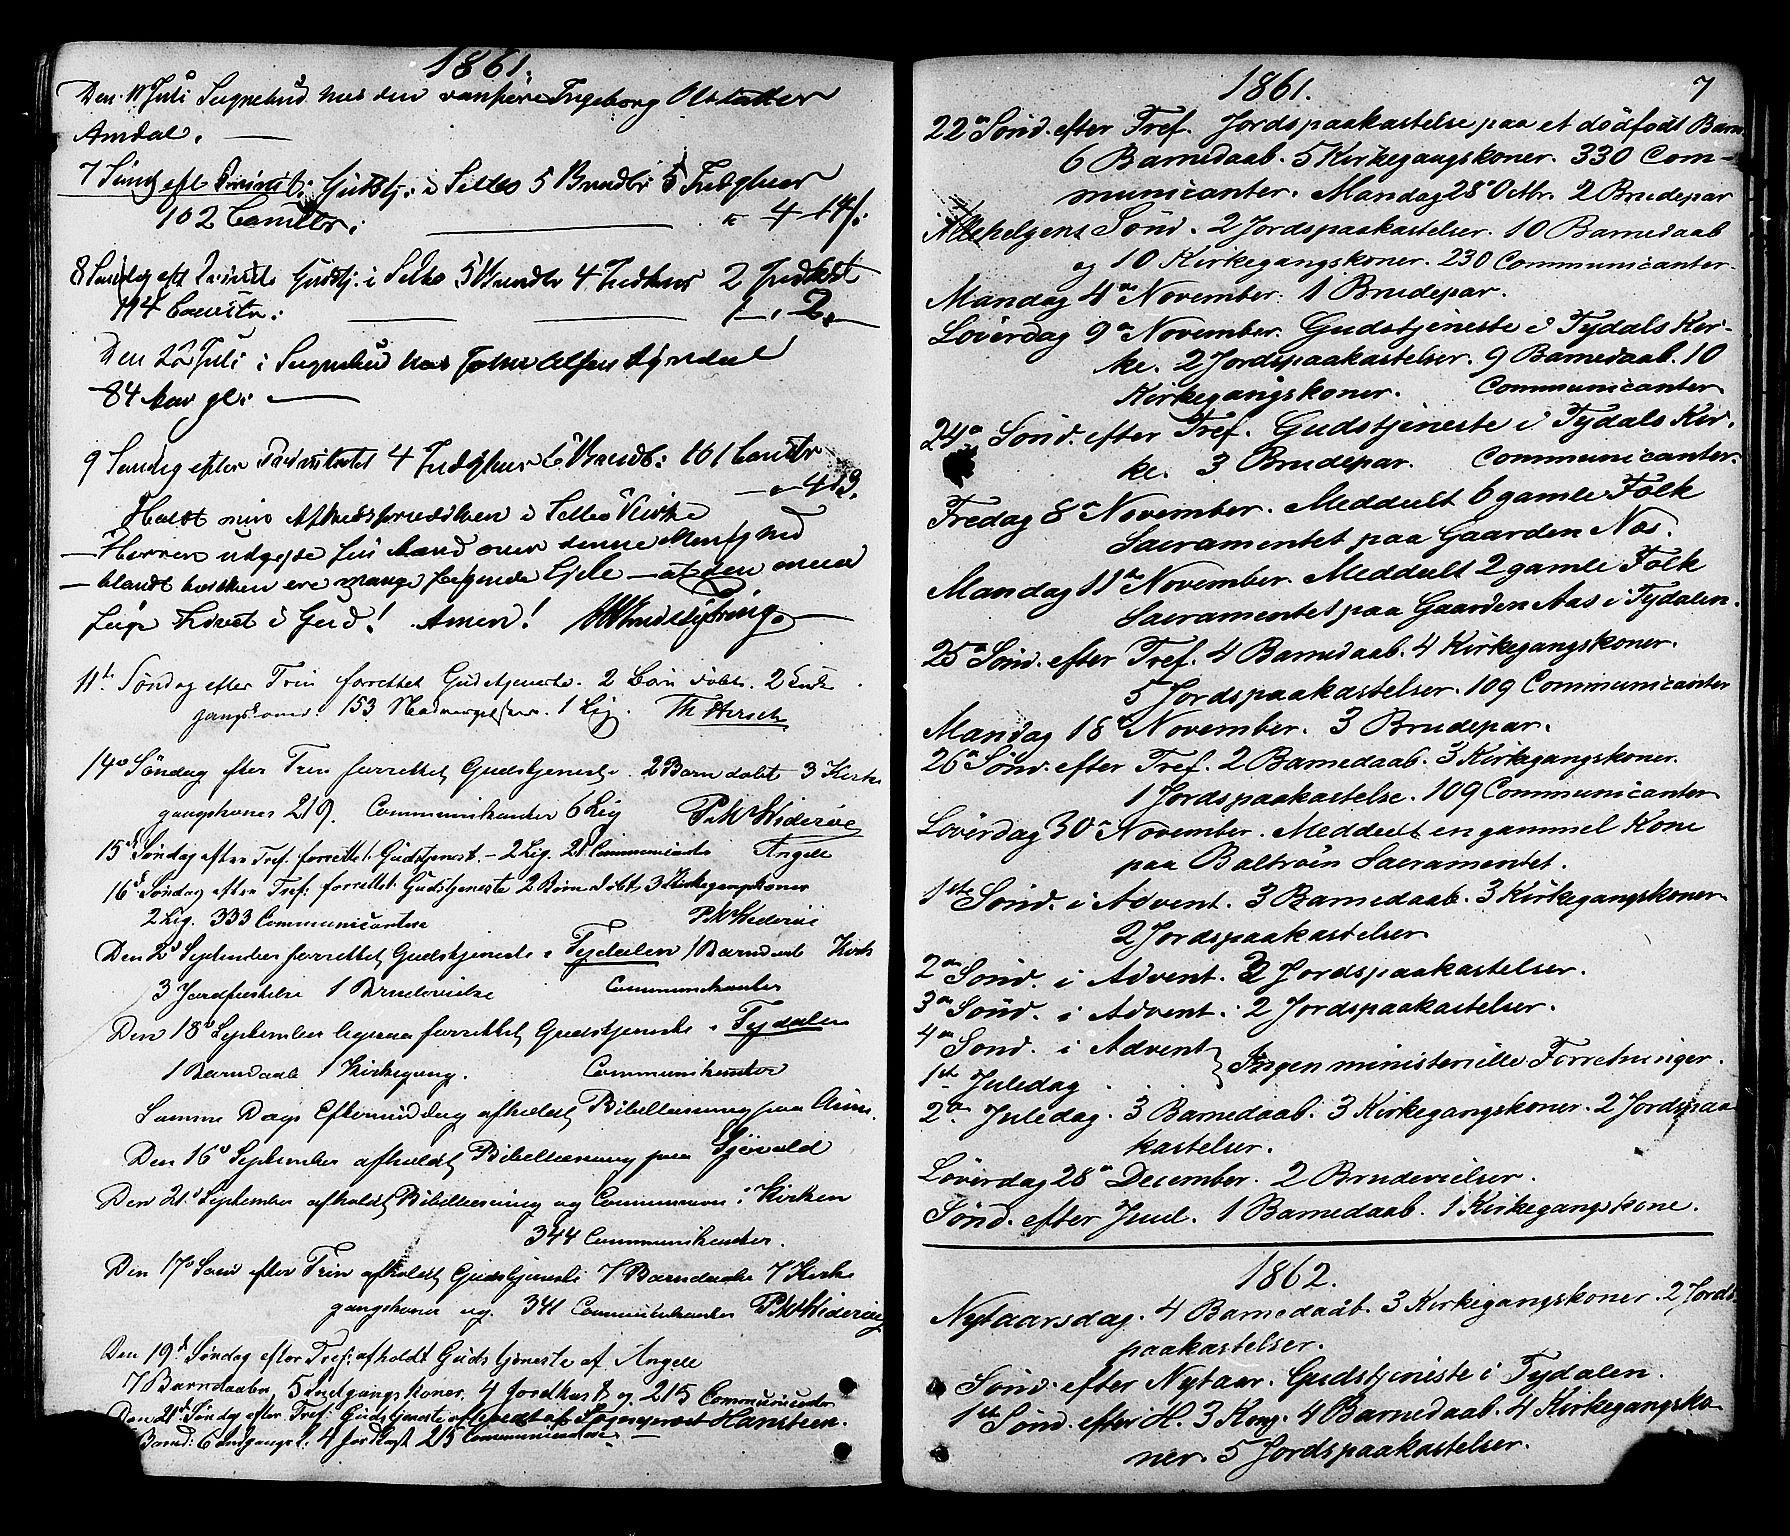 SAT, Ministerialprotokoller, klokkerbøker og fødselsregistre - Sør-Trøndelag, 695/L1147: Ministerialbok nr. 695A07, 1860-1877, s. 7